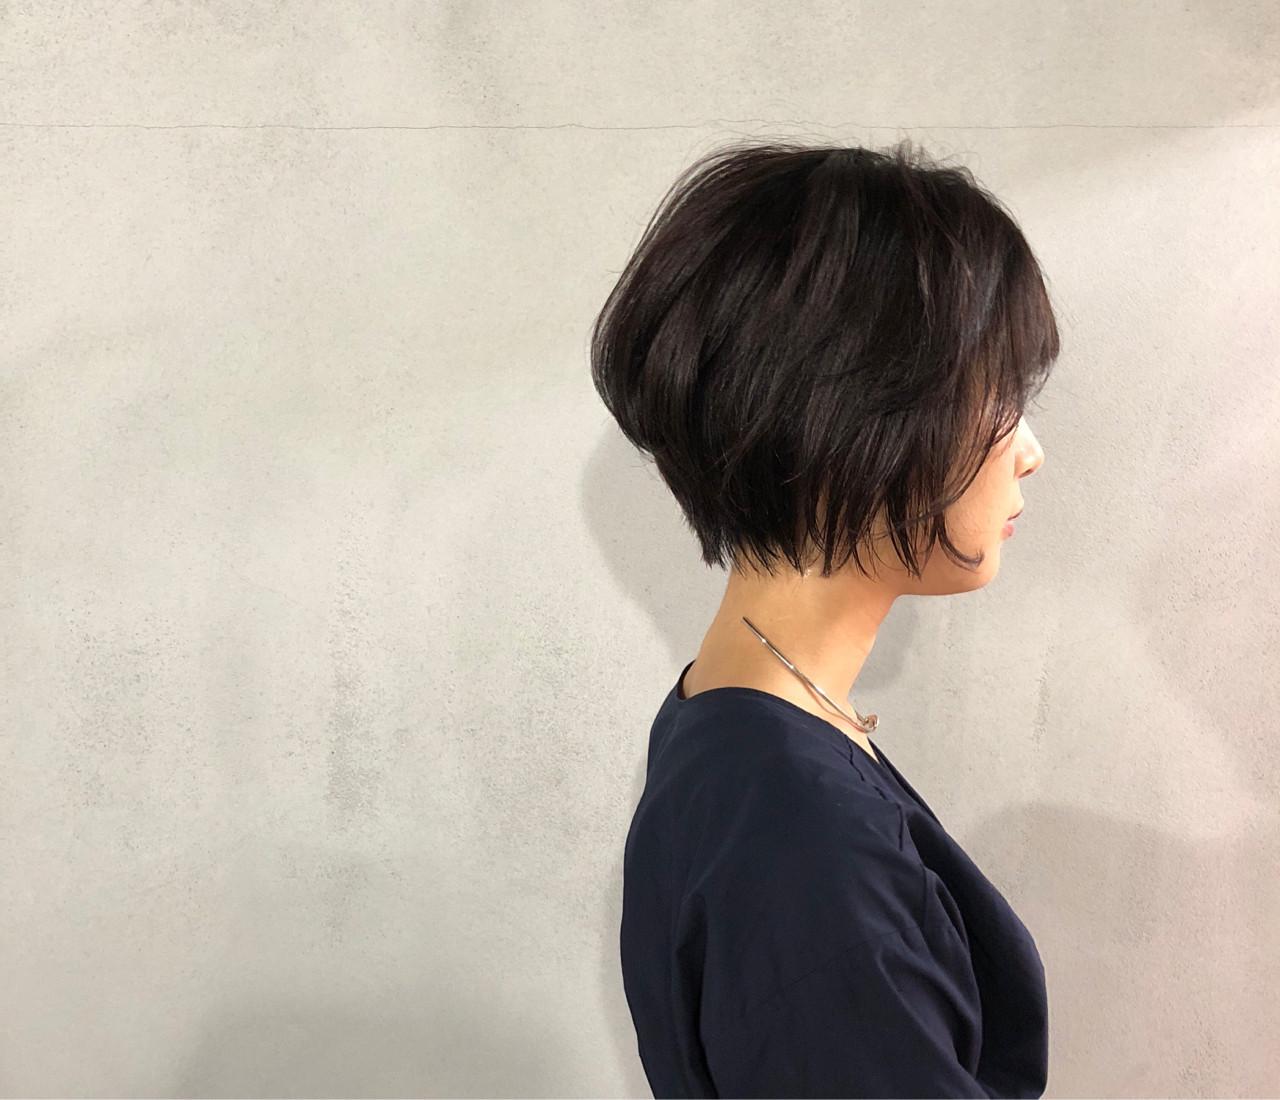 ショート 似合わせ ナチュラル 小顔 ヘアスタイルや髪型の写真・画像   葛西 祐介【N/92co.】 / N/92co.